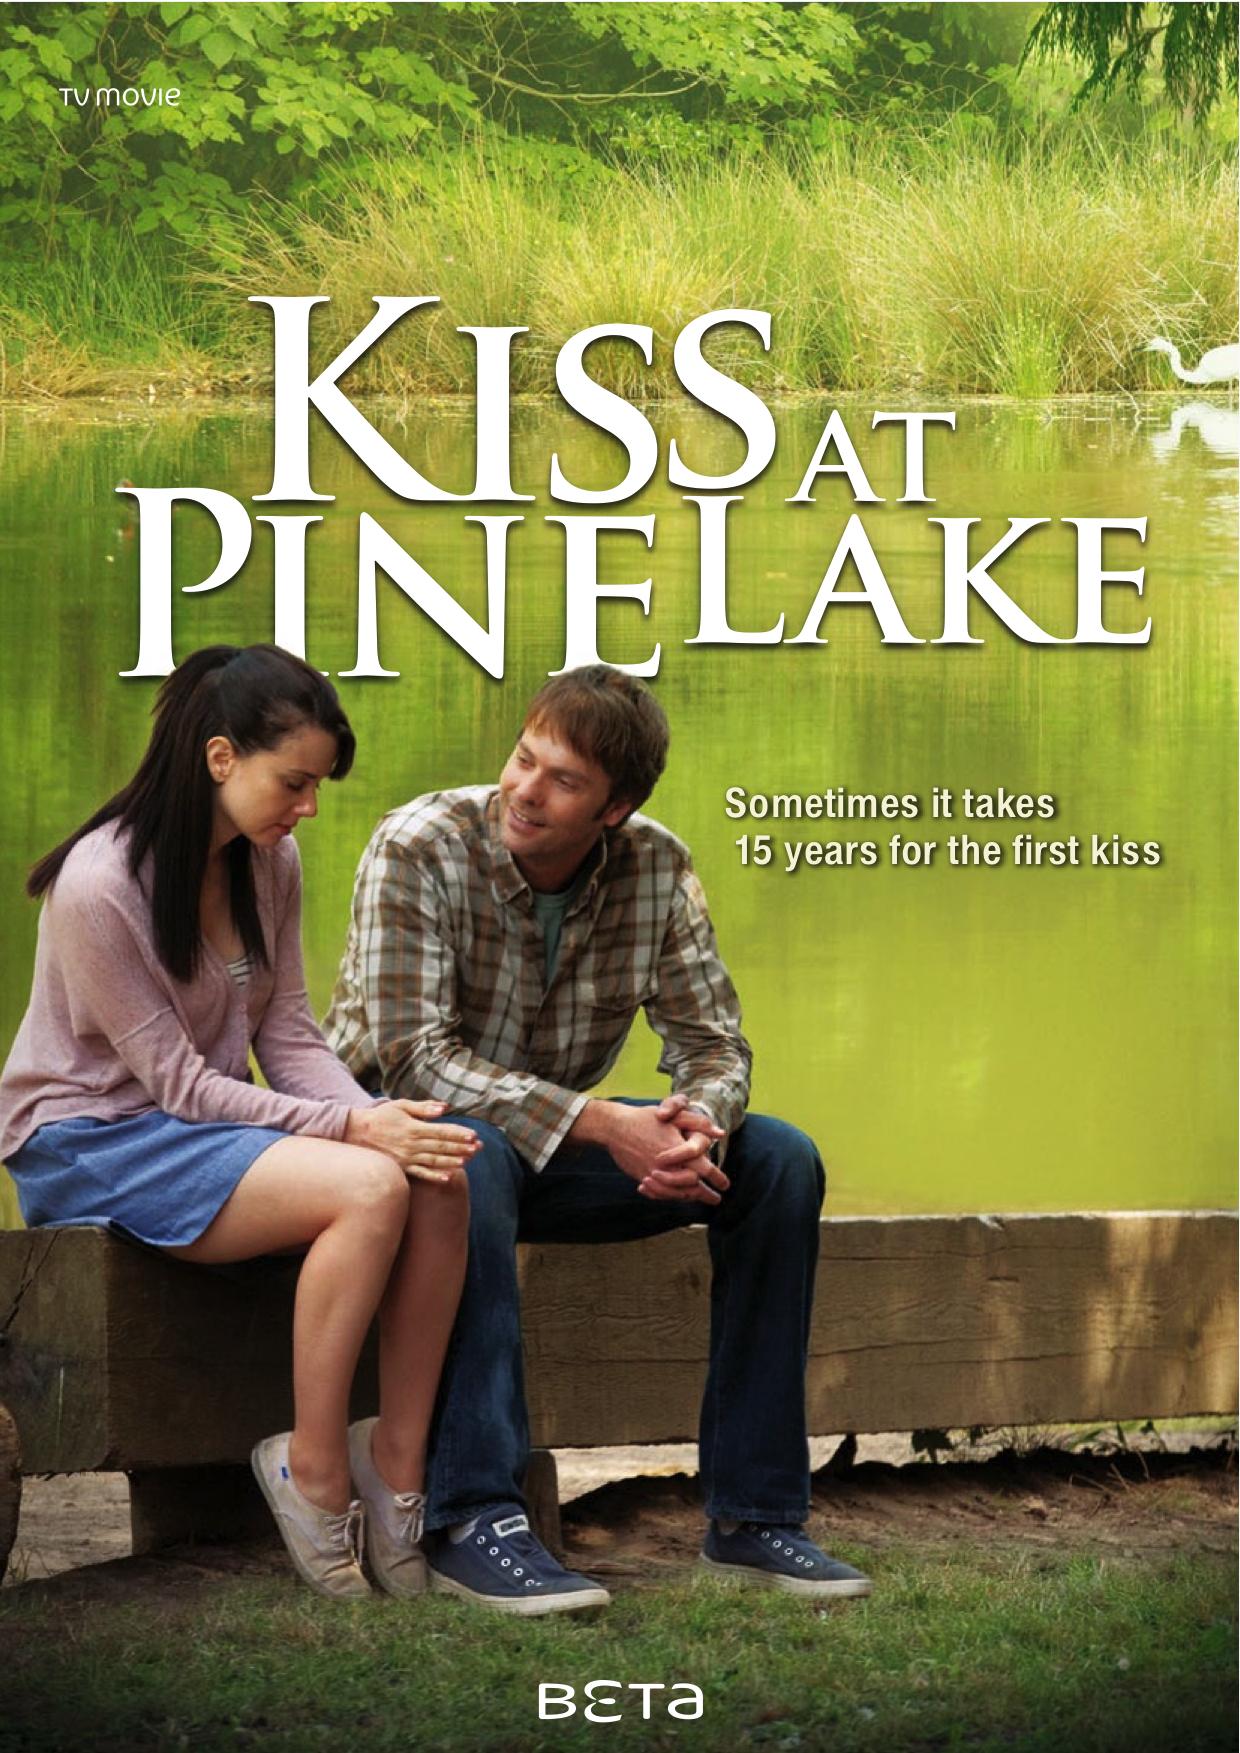 Kiss at Pine Lake (2012)